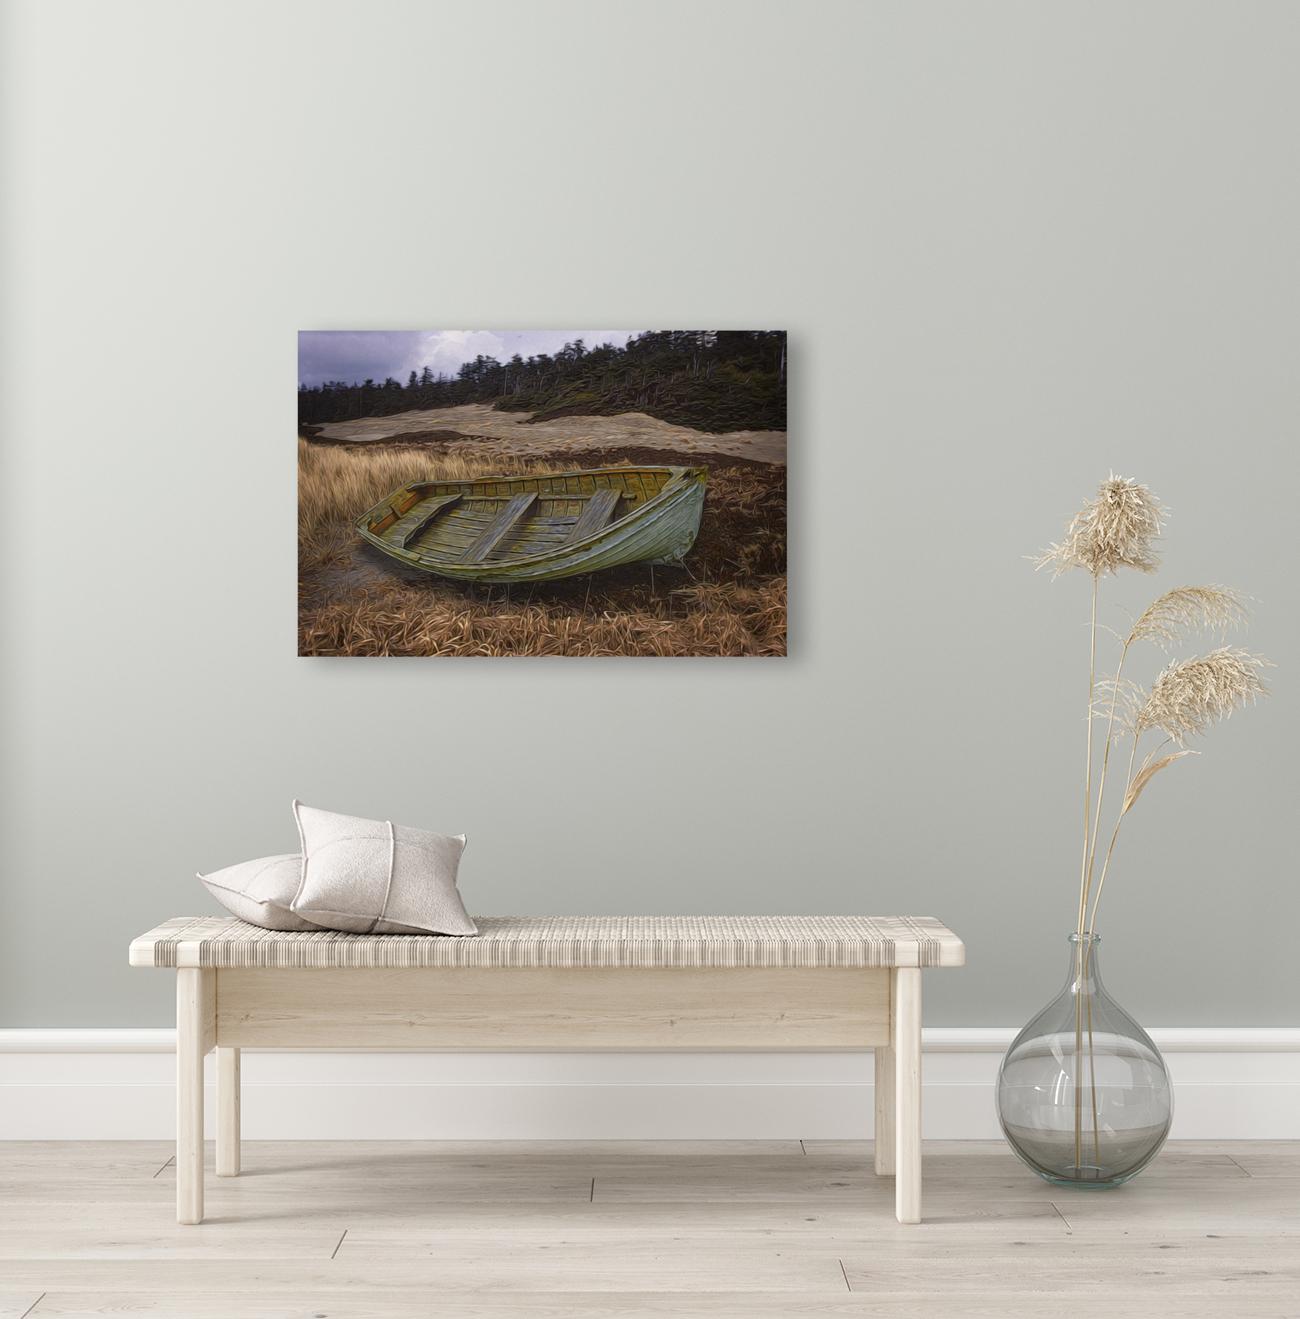 Clinker-built Rowboat  Art